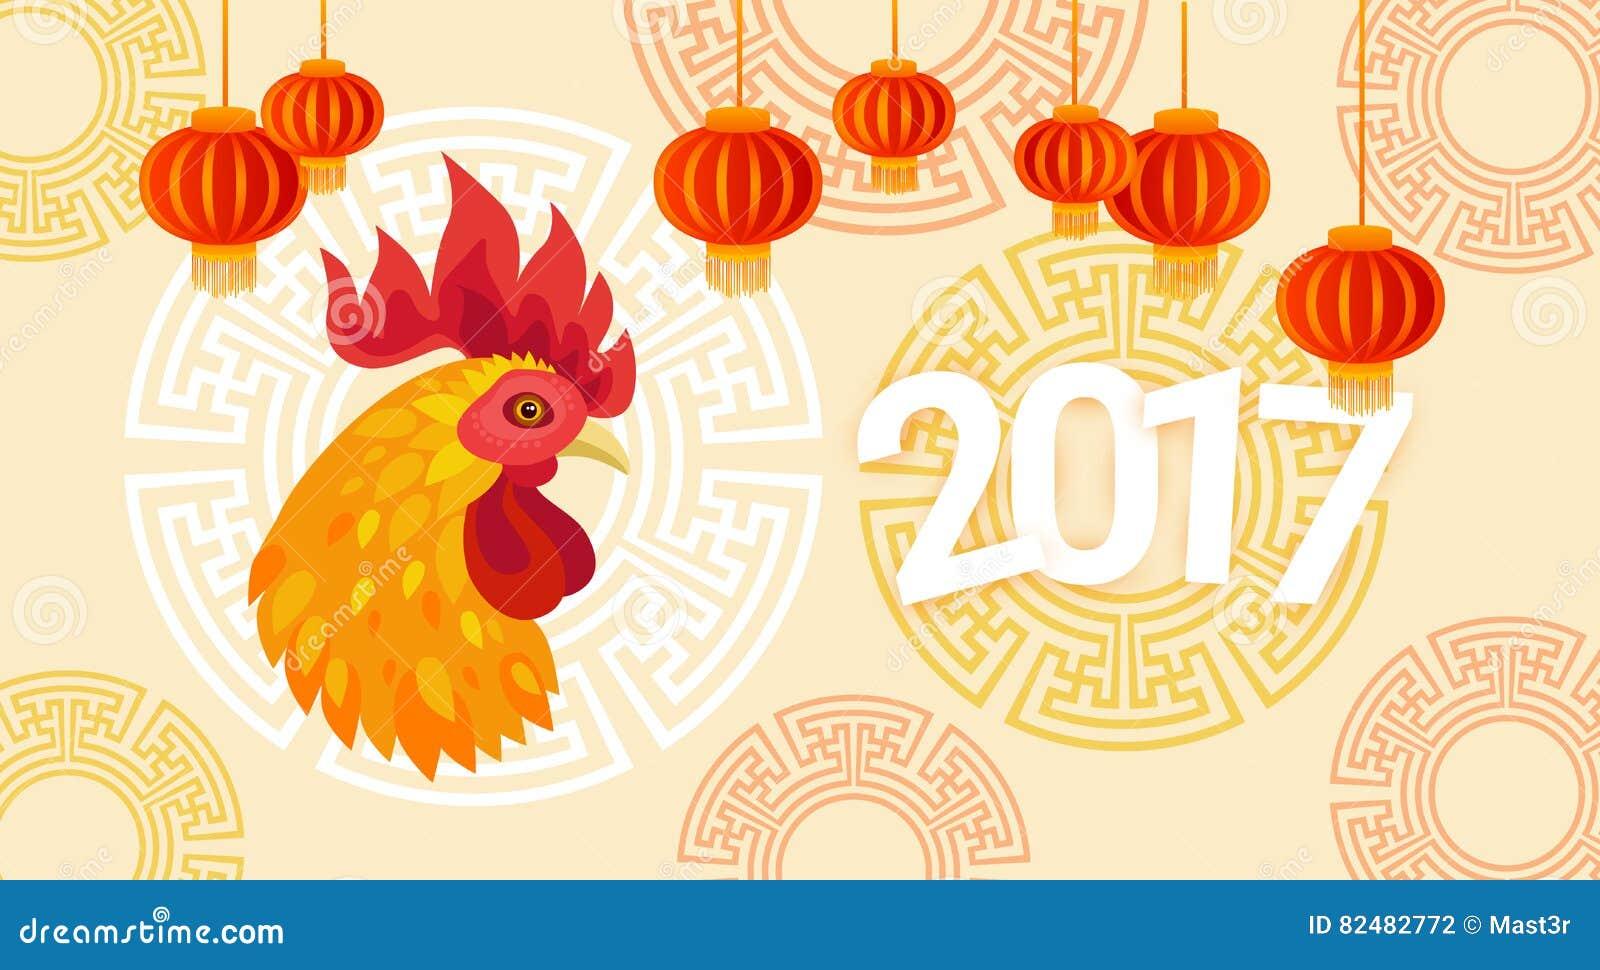 Oroscopo cinese dell asiatico della lanterna del nuovo da 2017 anni uccello felice del gallo